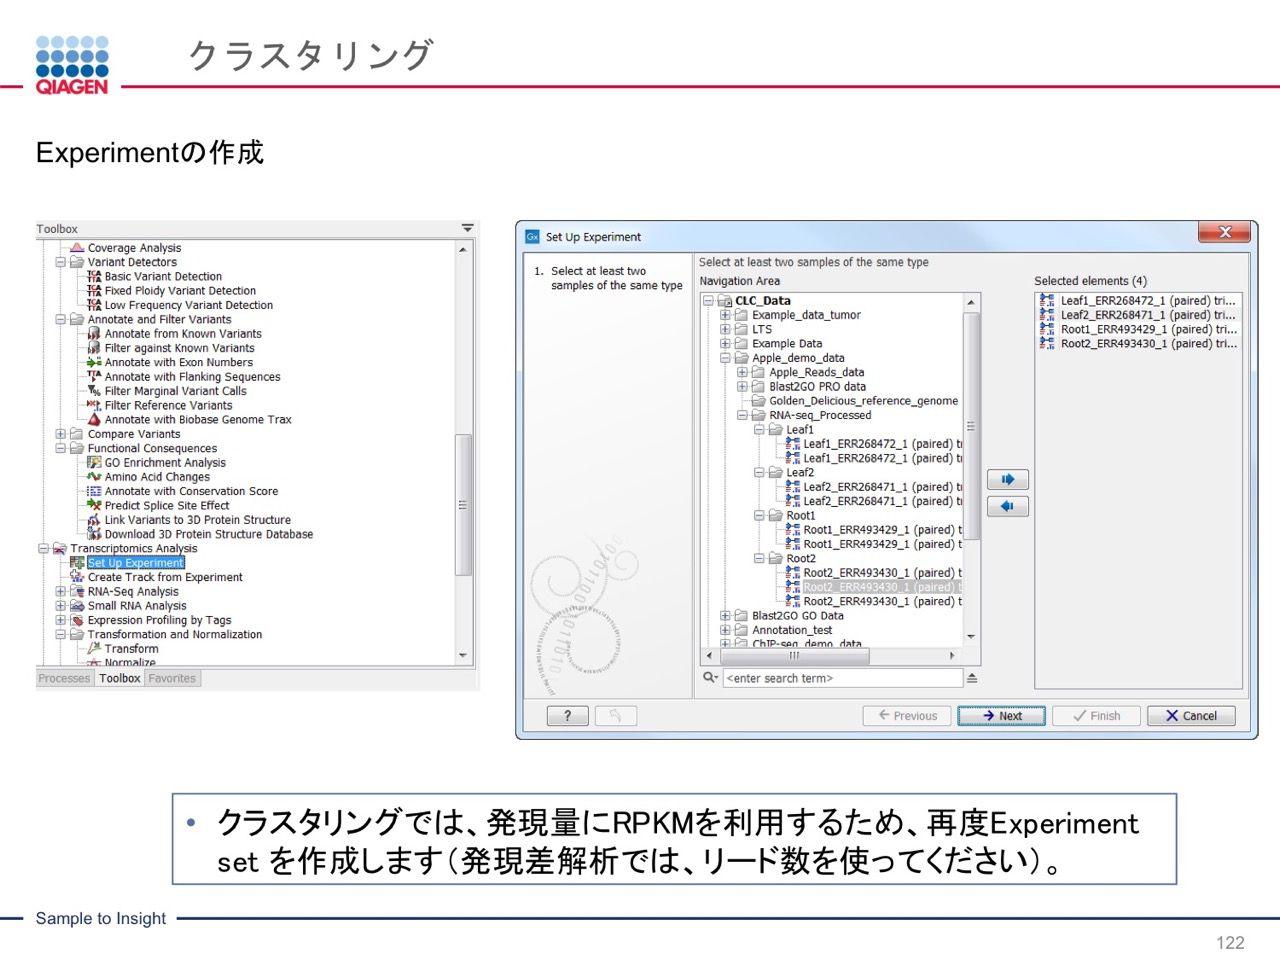 images/AJACSa2_miyamoto_122.jpg